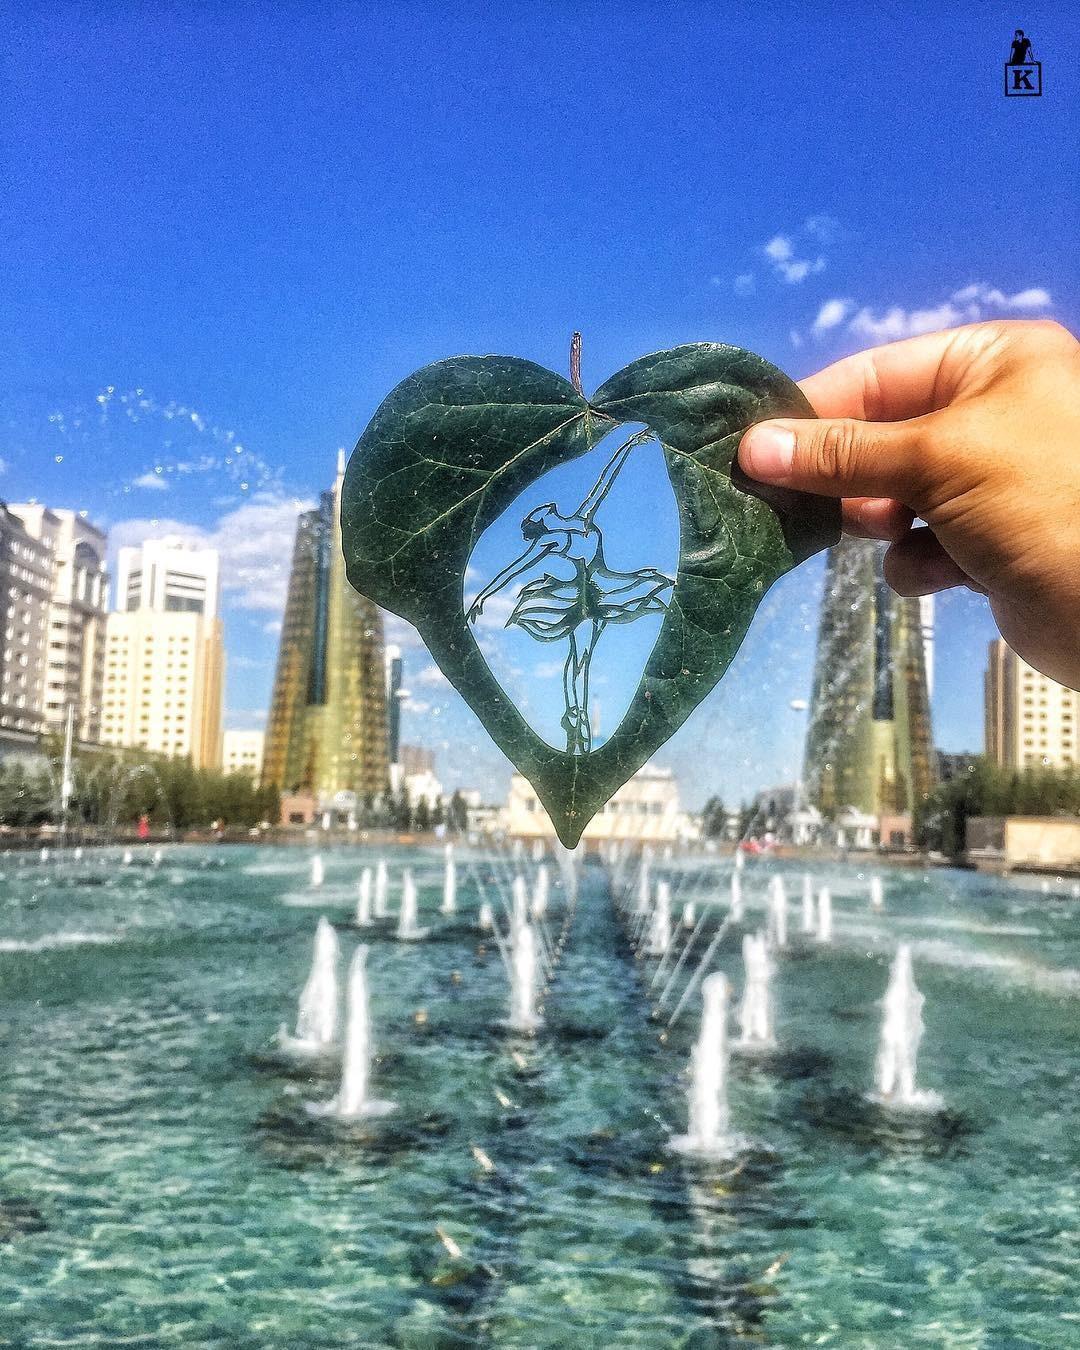 Lá rụng thường bị tống vào thùng rác, lá rụng ở Kazakhstan lại biến thành cả bầu trời nghệ thuật Photo-2-1557766610228898256202